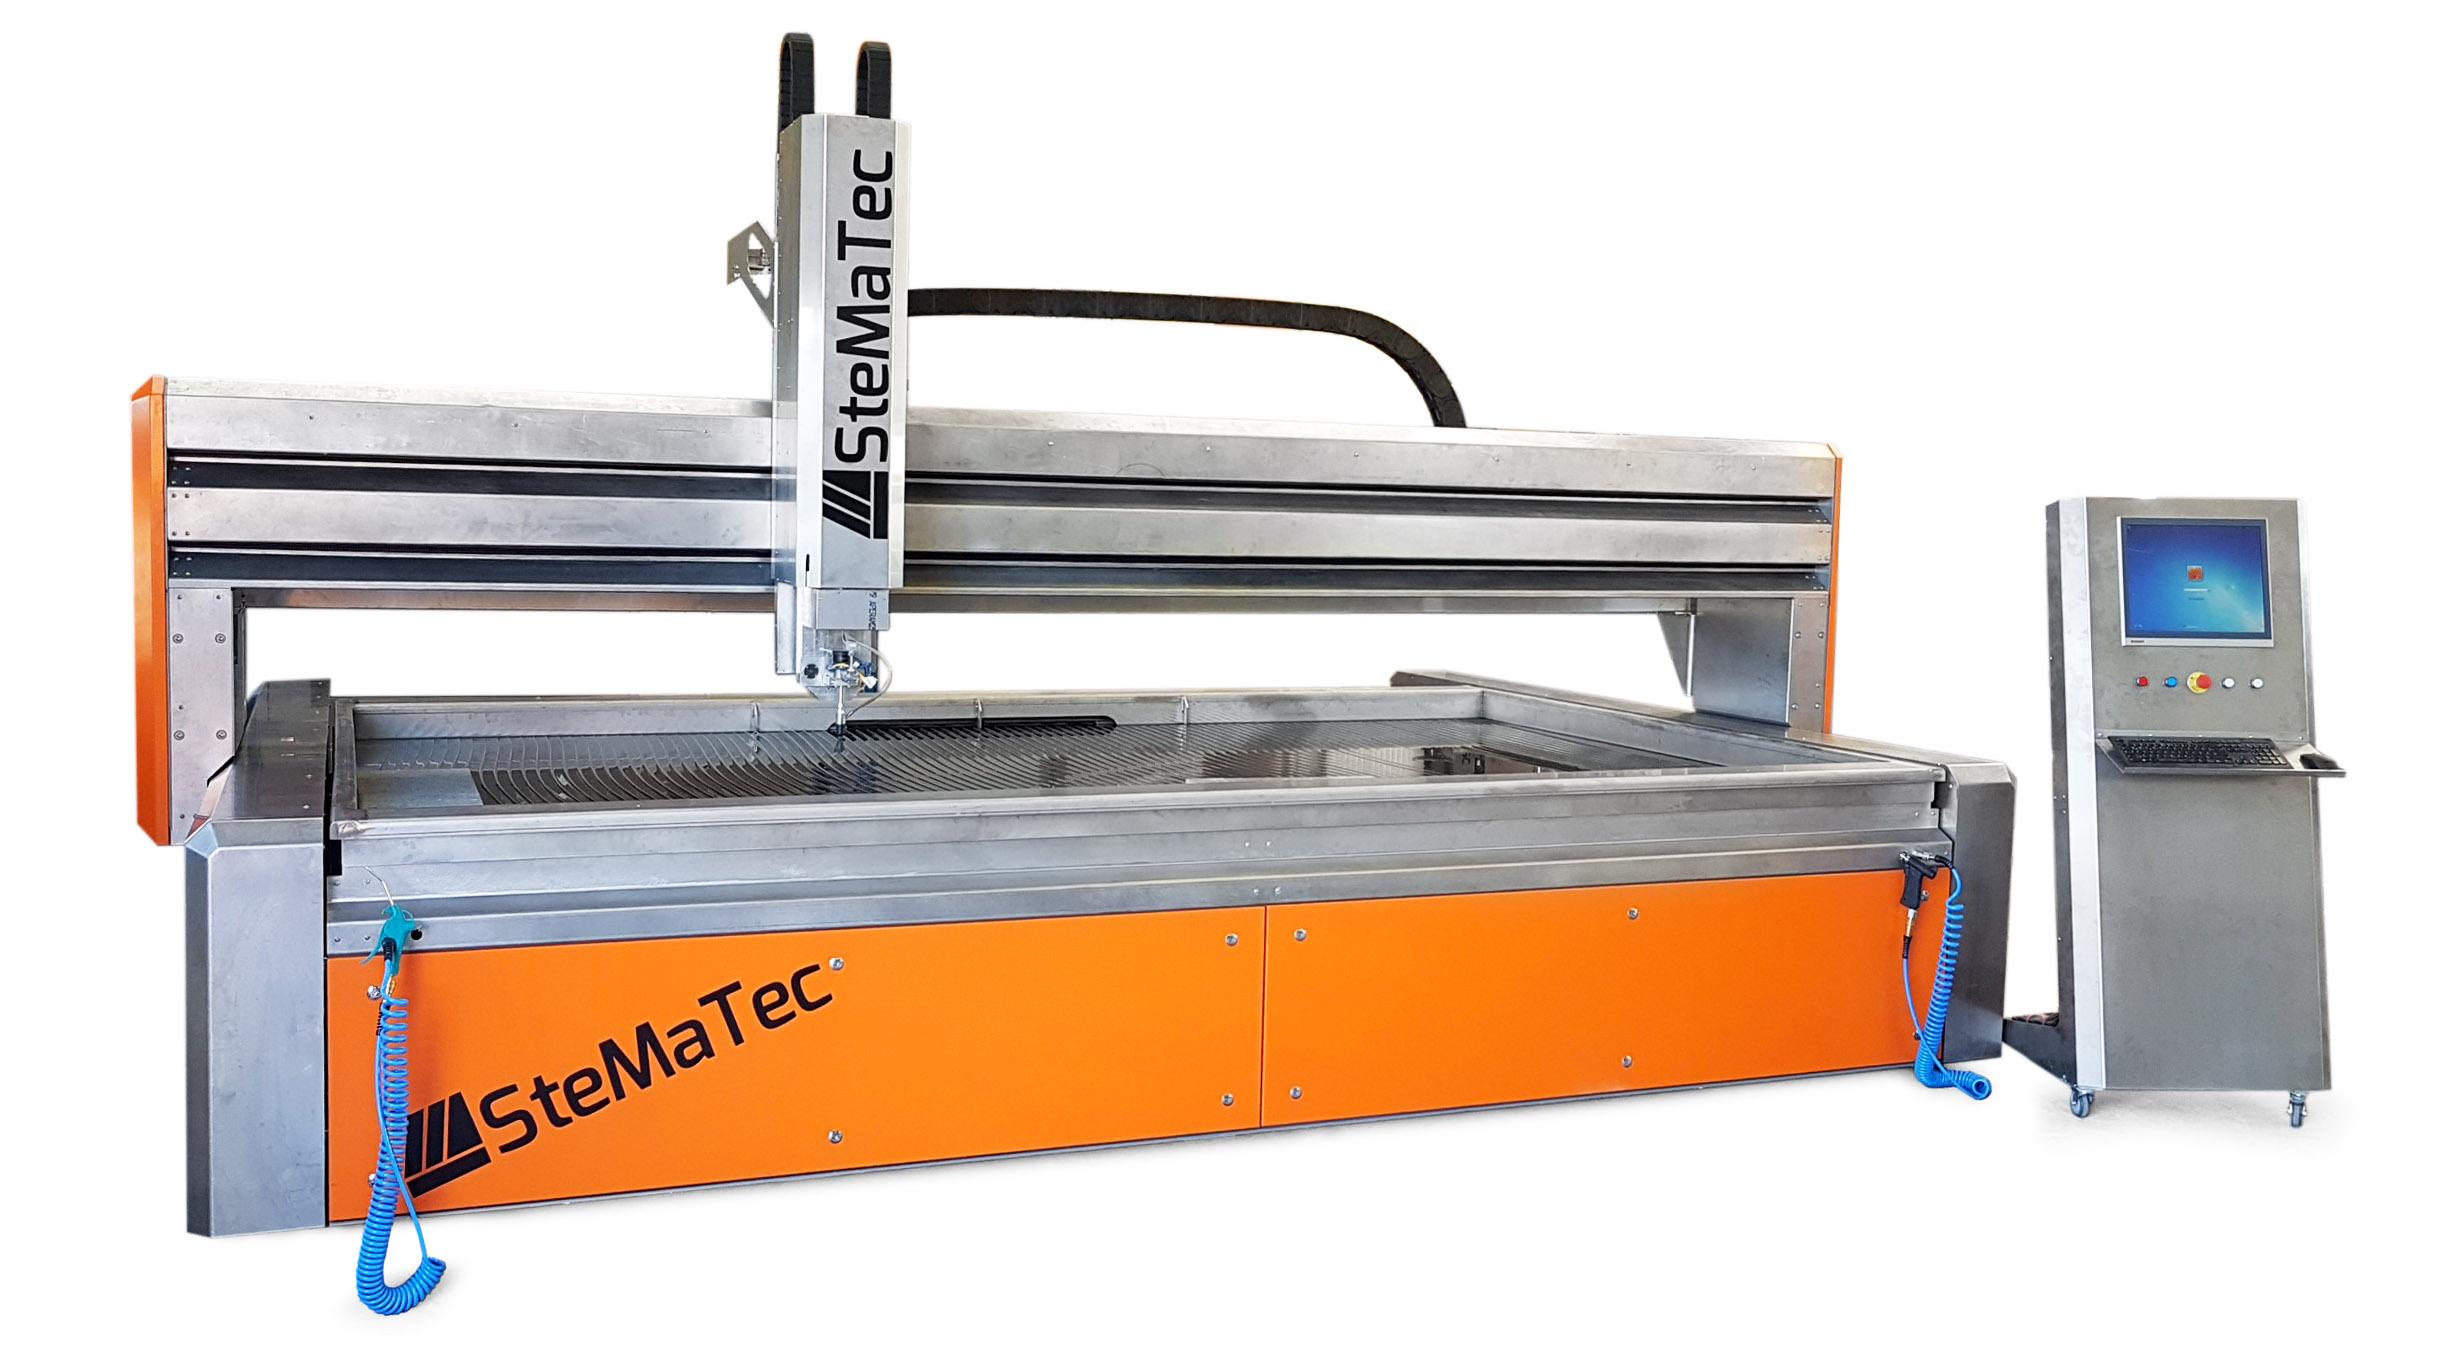 SteMaJet 4020 Wasserstrahlschneidemaschine